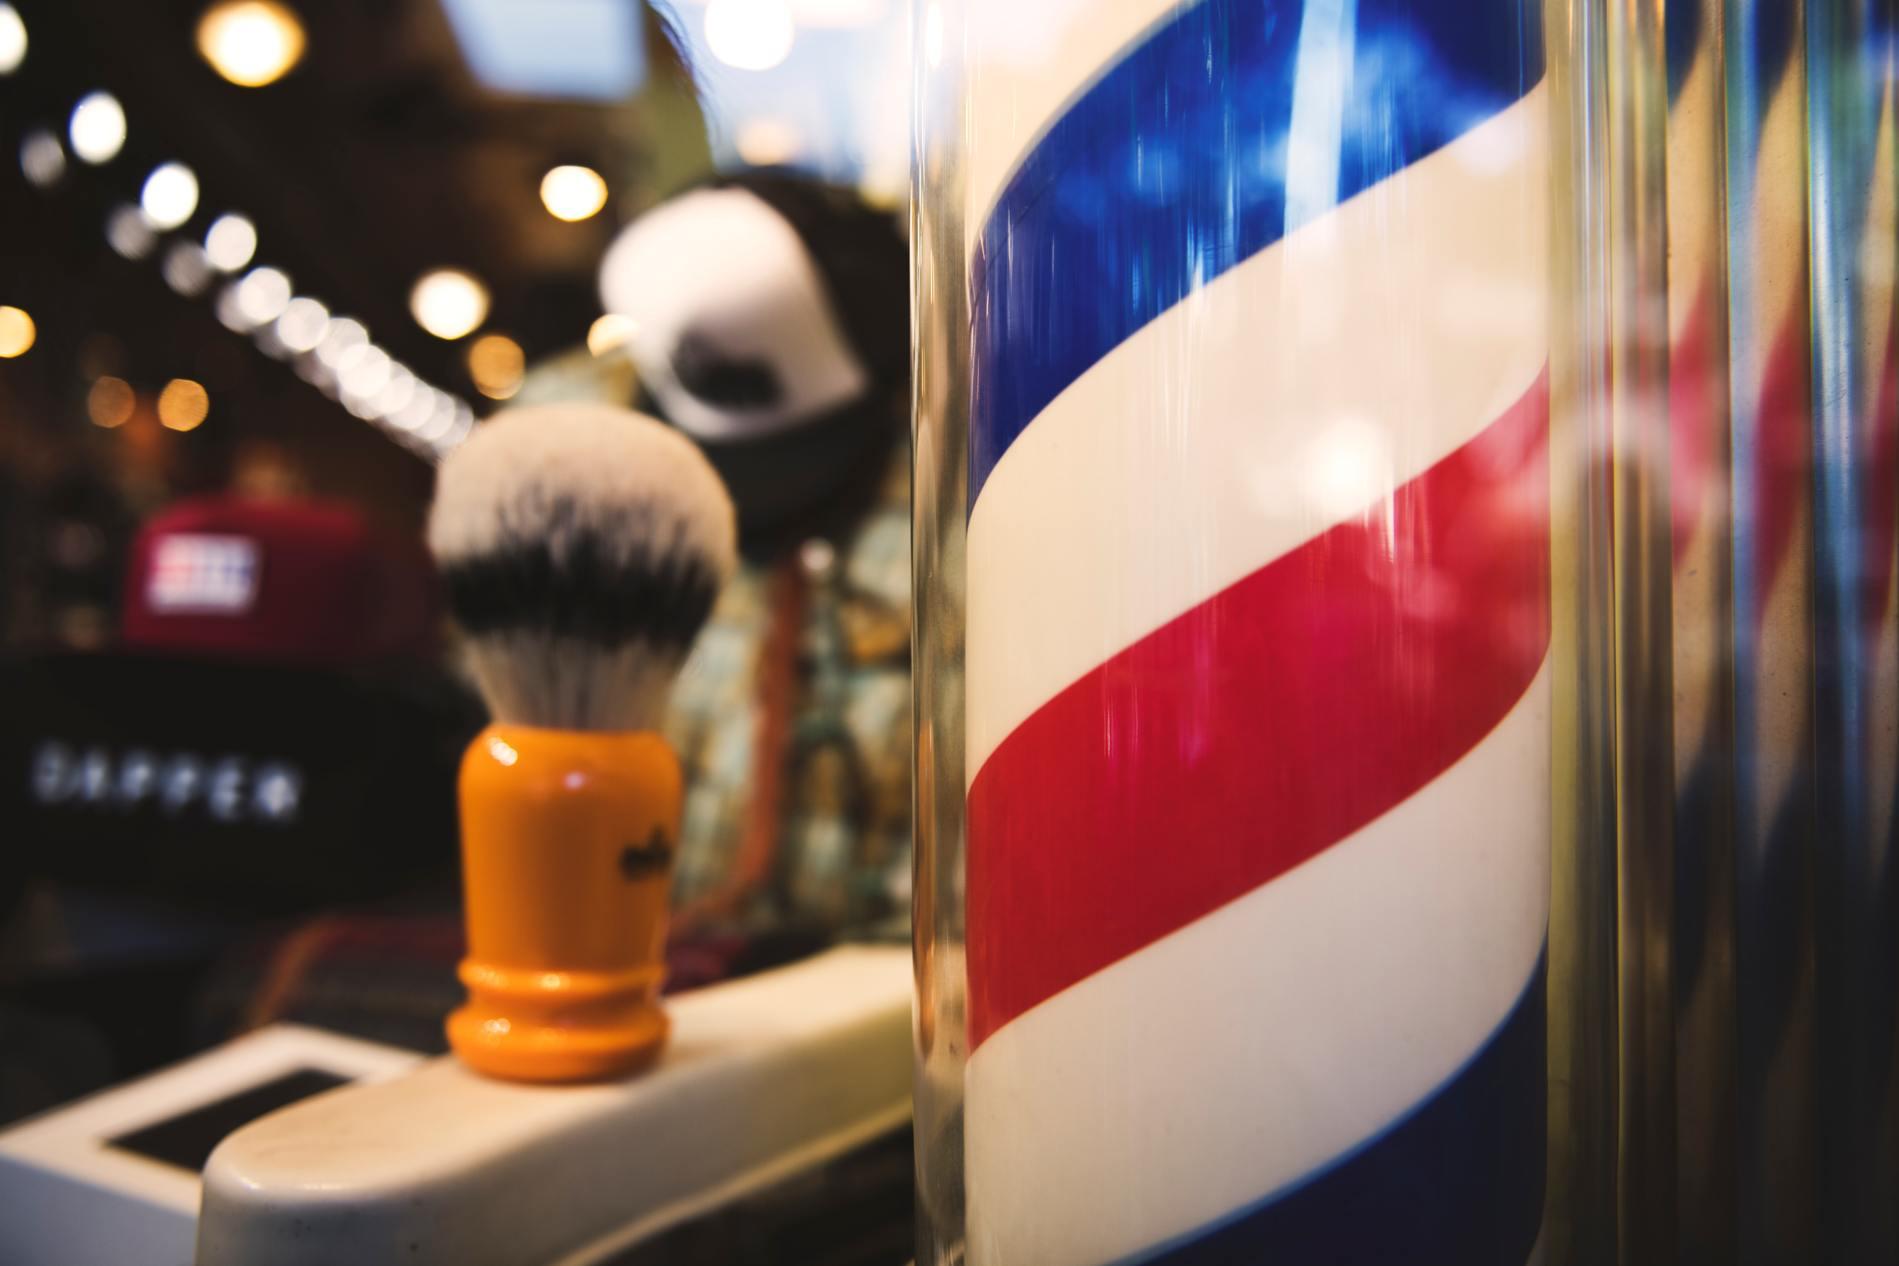 möblum-La_barbería_y_tu_estilo-barbería-estilo-sillones_de_piel-sillas-muebles-mármol(3)